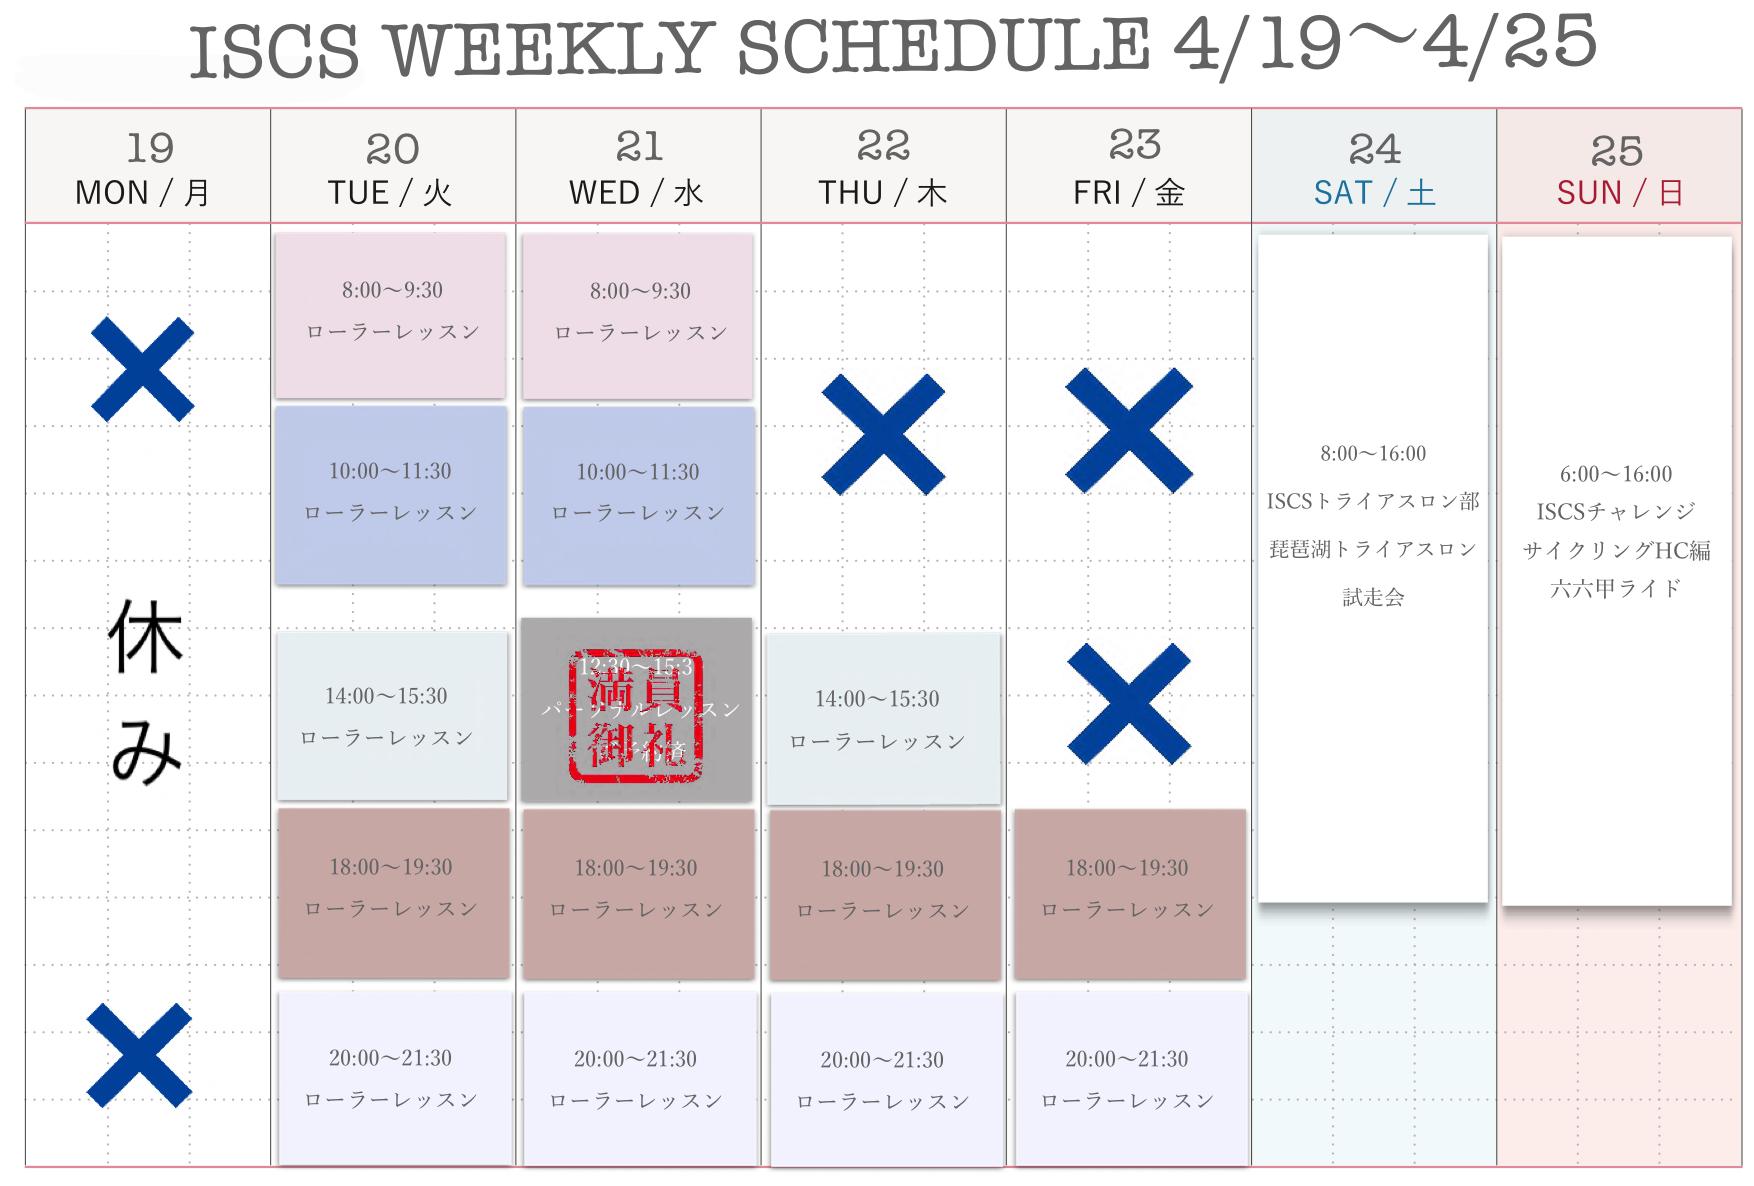 週間スケジュール4/19〜4/25